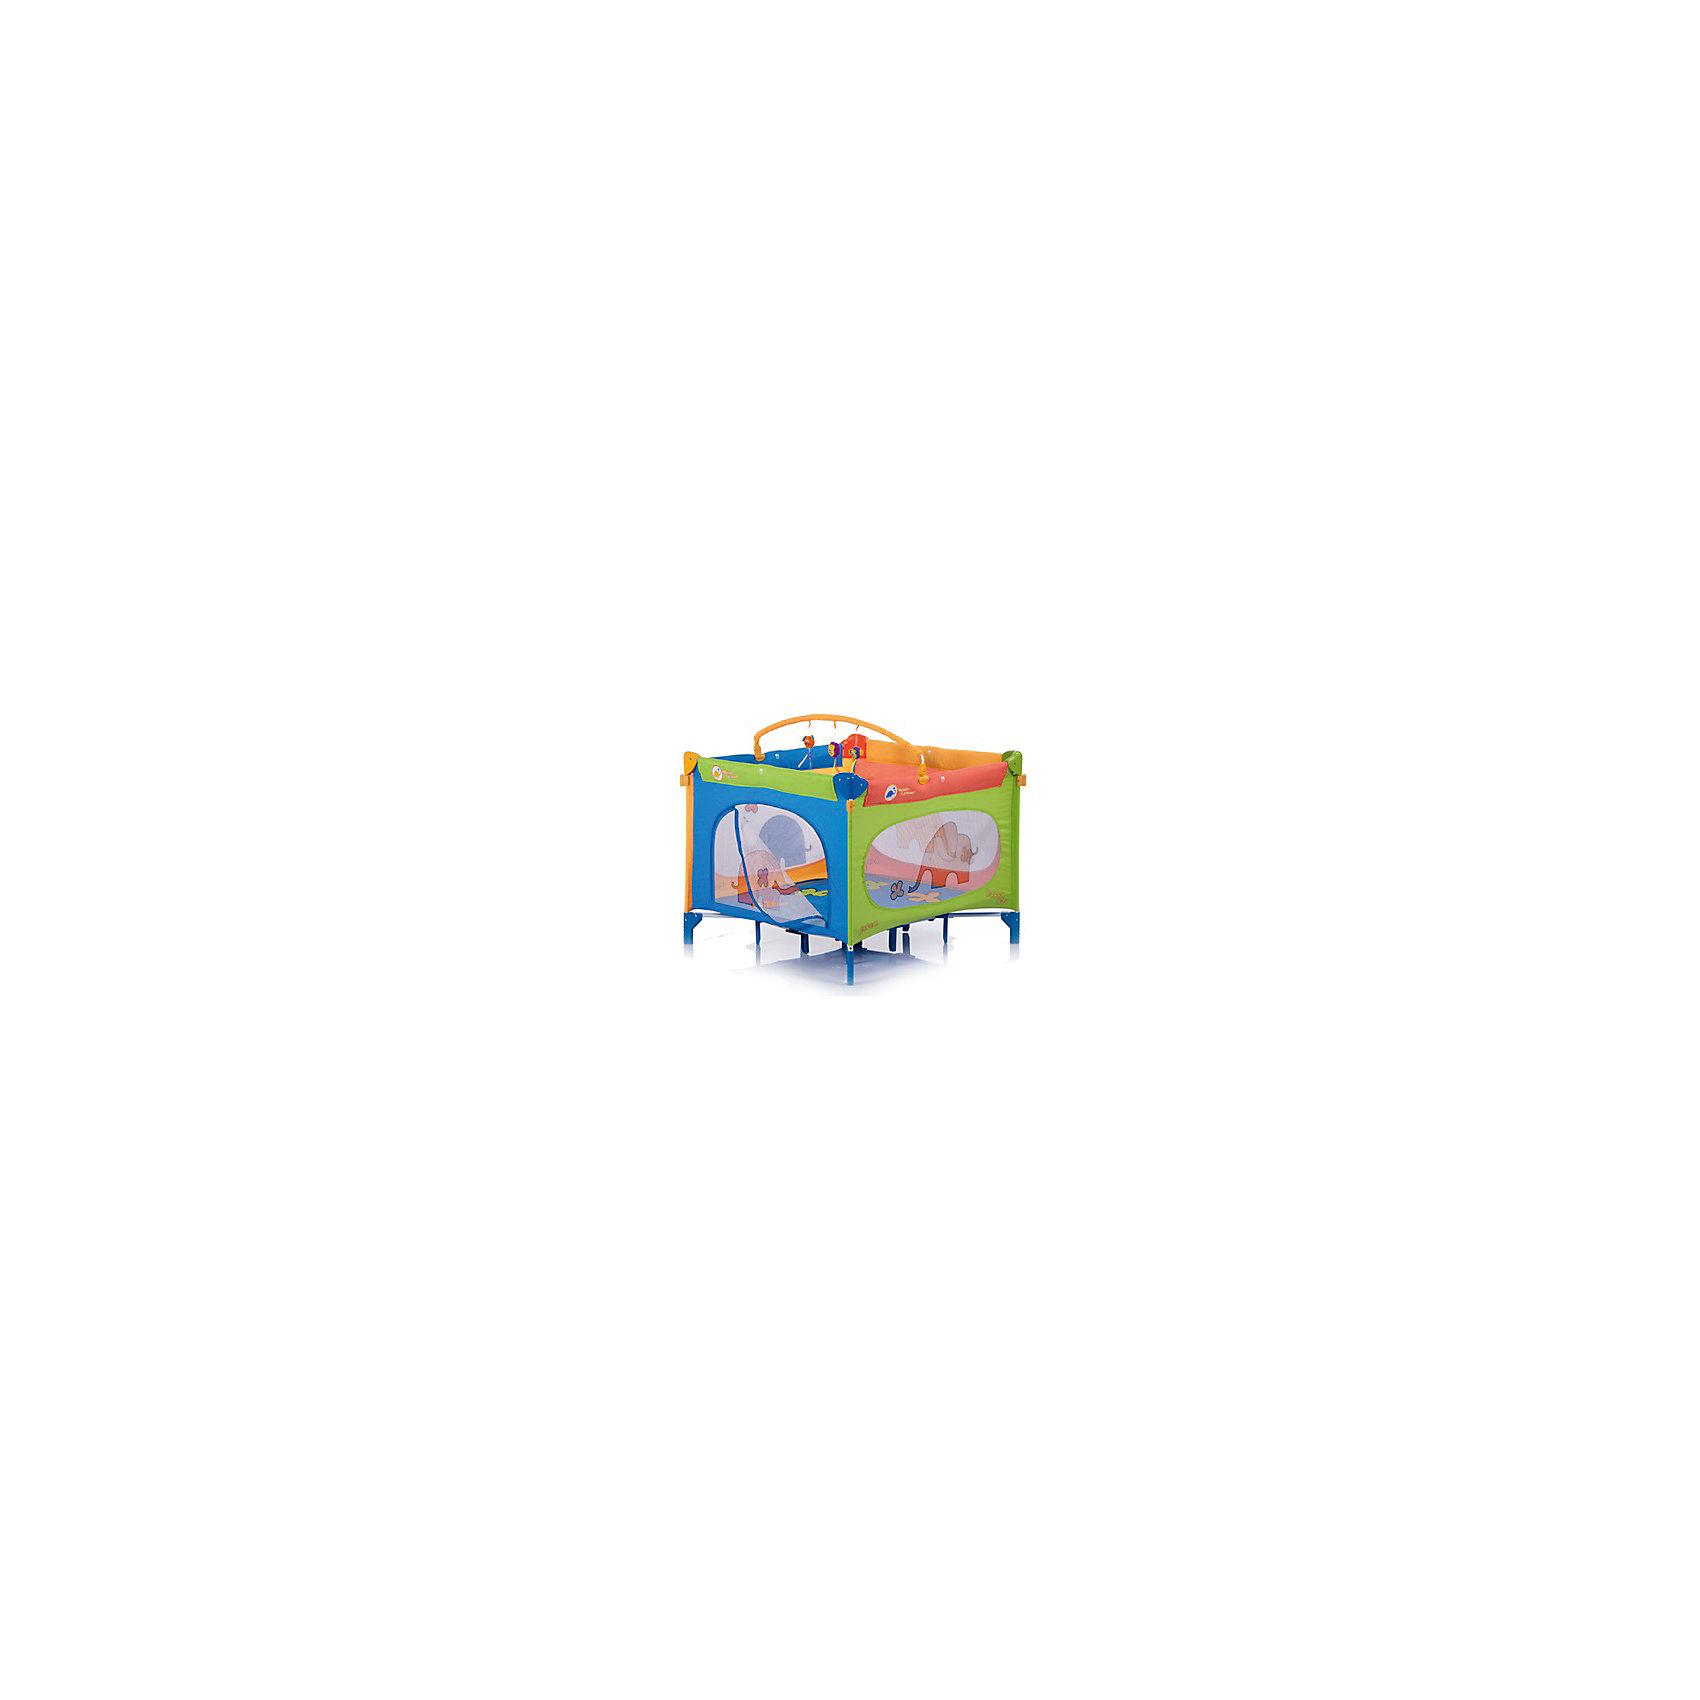 Манеж-квадрат Quadro, Jetem, Merry ElephantИгровые манежи<br>Характеристики товара:<br><br>• возраст с рождения до 3 лет;<br>• материал: каркас из металла и пластика, стенки из текстиля<br>• тип складывания: зонт с запирающим механизмом<br>• боковой лаз на молнии<br>• ручки-кольца для опоры ребёнка<br>• сетчатые смотровые окошки<br>• углы бортиков с защитными накладками<br>• замок-фиксатор от произволного складывания<br>• размер манежа 107х107х70 см;<br>• размер упаковки 90х27х27 см;<br>• вес упаковки 14 кг.<br><br>Манеж-квадрат Jetem Quadro — практичный манеж для игр и отдыха малыша. Дуга с игрушками обязательно привлечет внимание малыша. Играя с игрушками, у малыша развиваются хватательный рефлекс, тактильные ощущения, зрительное восприятие. Сетчатые боковые окошки обеспечивают циркуляцию воздуха. Через боковой лаз на молнии ребенок учится самостоятельно вылазить из манежа и возвращаться обратно. Манеж выполнен из безопасного для ребенка материала, простого в уходе. Углы бортиков закрыты пластиковыми накладками, предотвращающими случайные травмы. Специальный замок-фиксатор препятствует самопроизвольное складывание манежа. Конструкция отличается устойчивостью благодаря 4 ножкам и дополнительным опорам по центру.<br><br>Комплектация:<br><br>• манеж;<br>• дуга с игрушками;<br>• сумка для переноски.<br><br>Манеж-квадрат Jetem Quadro Merry Elephant можно приобрести в нашем интернет-магазине.<br><br>Ширина мм: 900<br>Глубина мм: 270<br>Высота мм: 270<br>Вес г: 14000<br>Возраст от месяцев: 0<br>Возраст до месяцев: 36<br>Пол: Унисекс<br>Возраст: Детский<br>SKU: 5493358